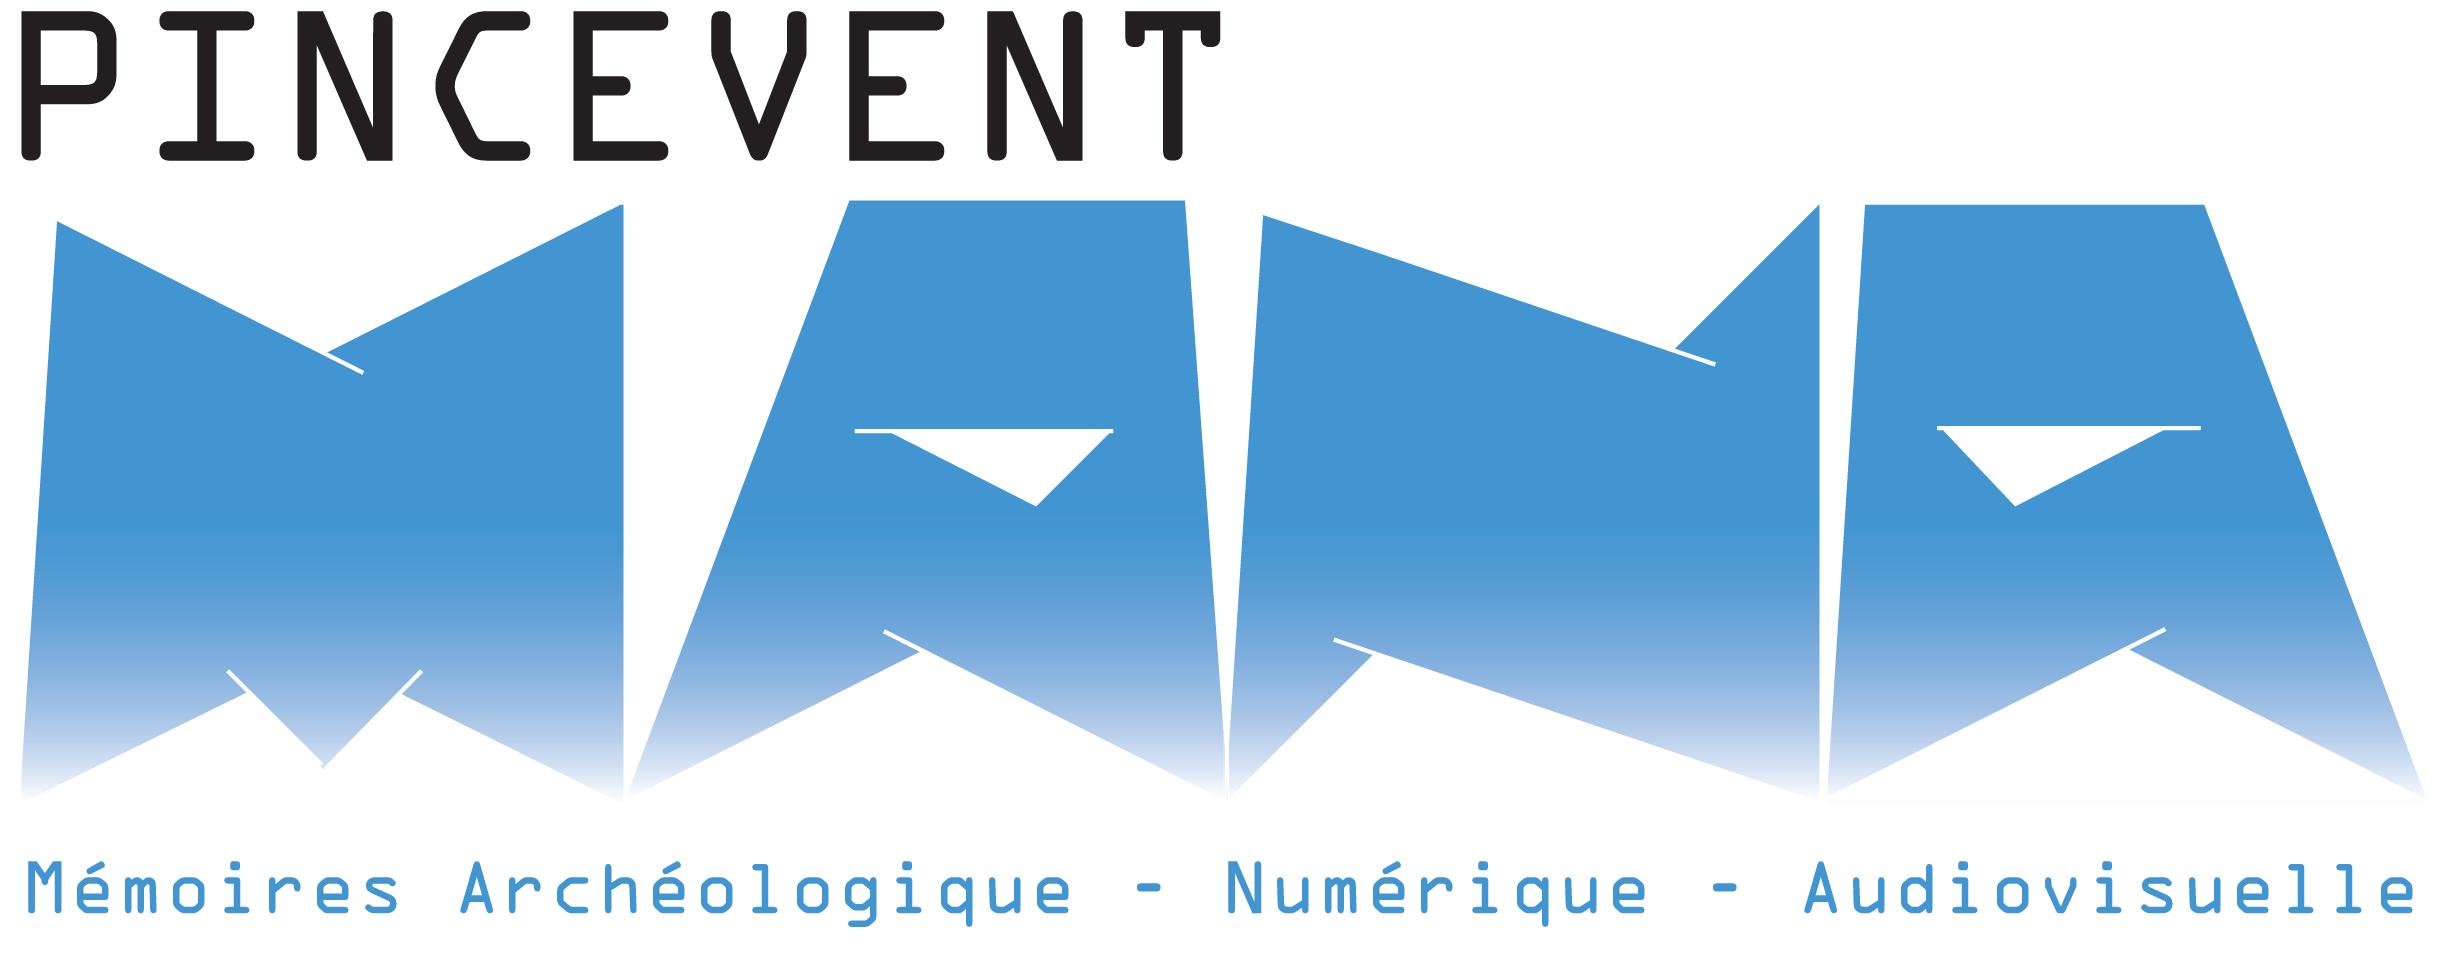 Pincevent - Mémoires archéologique, numérique et audiovisuelle